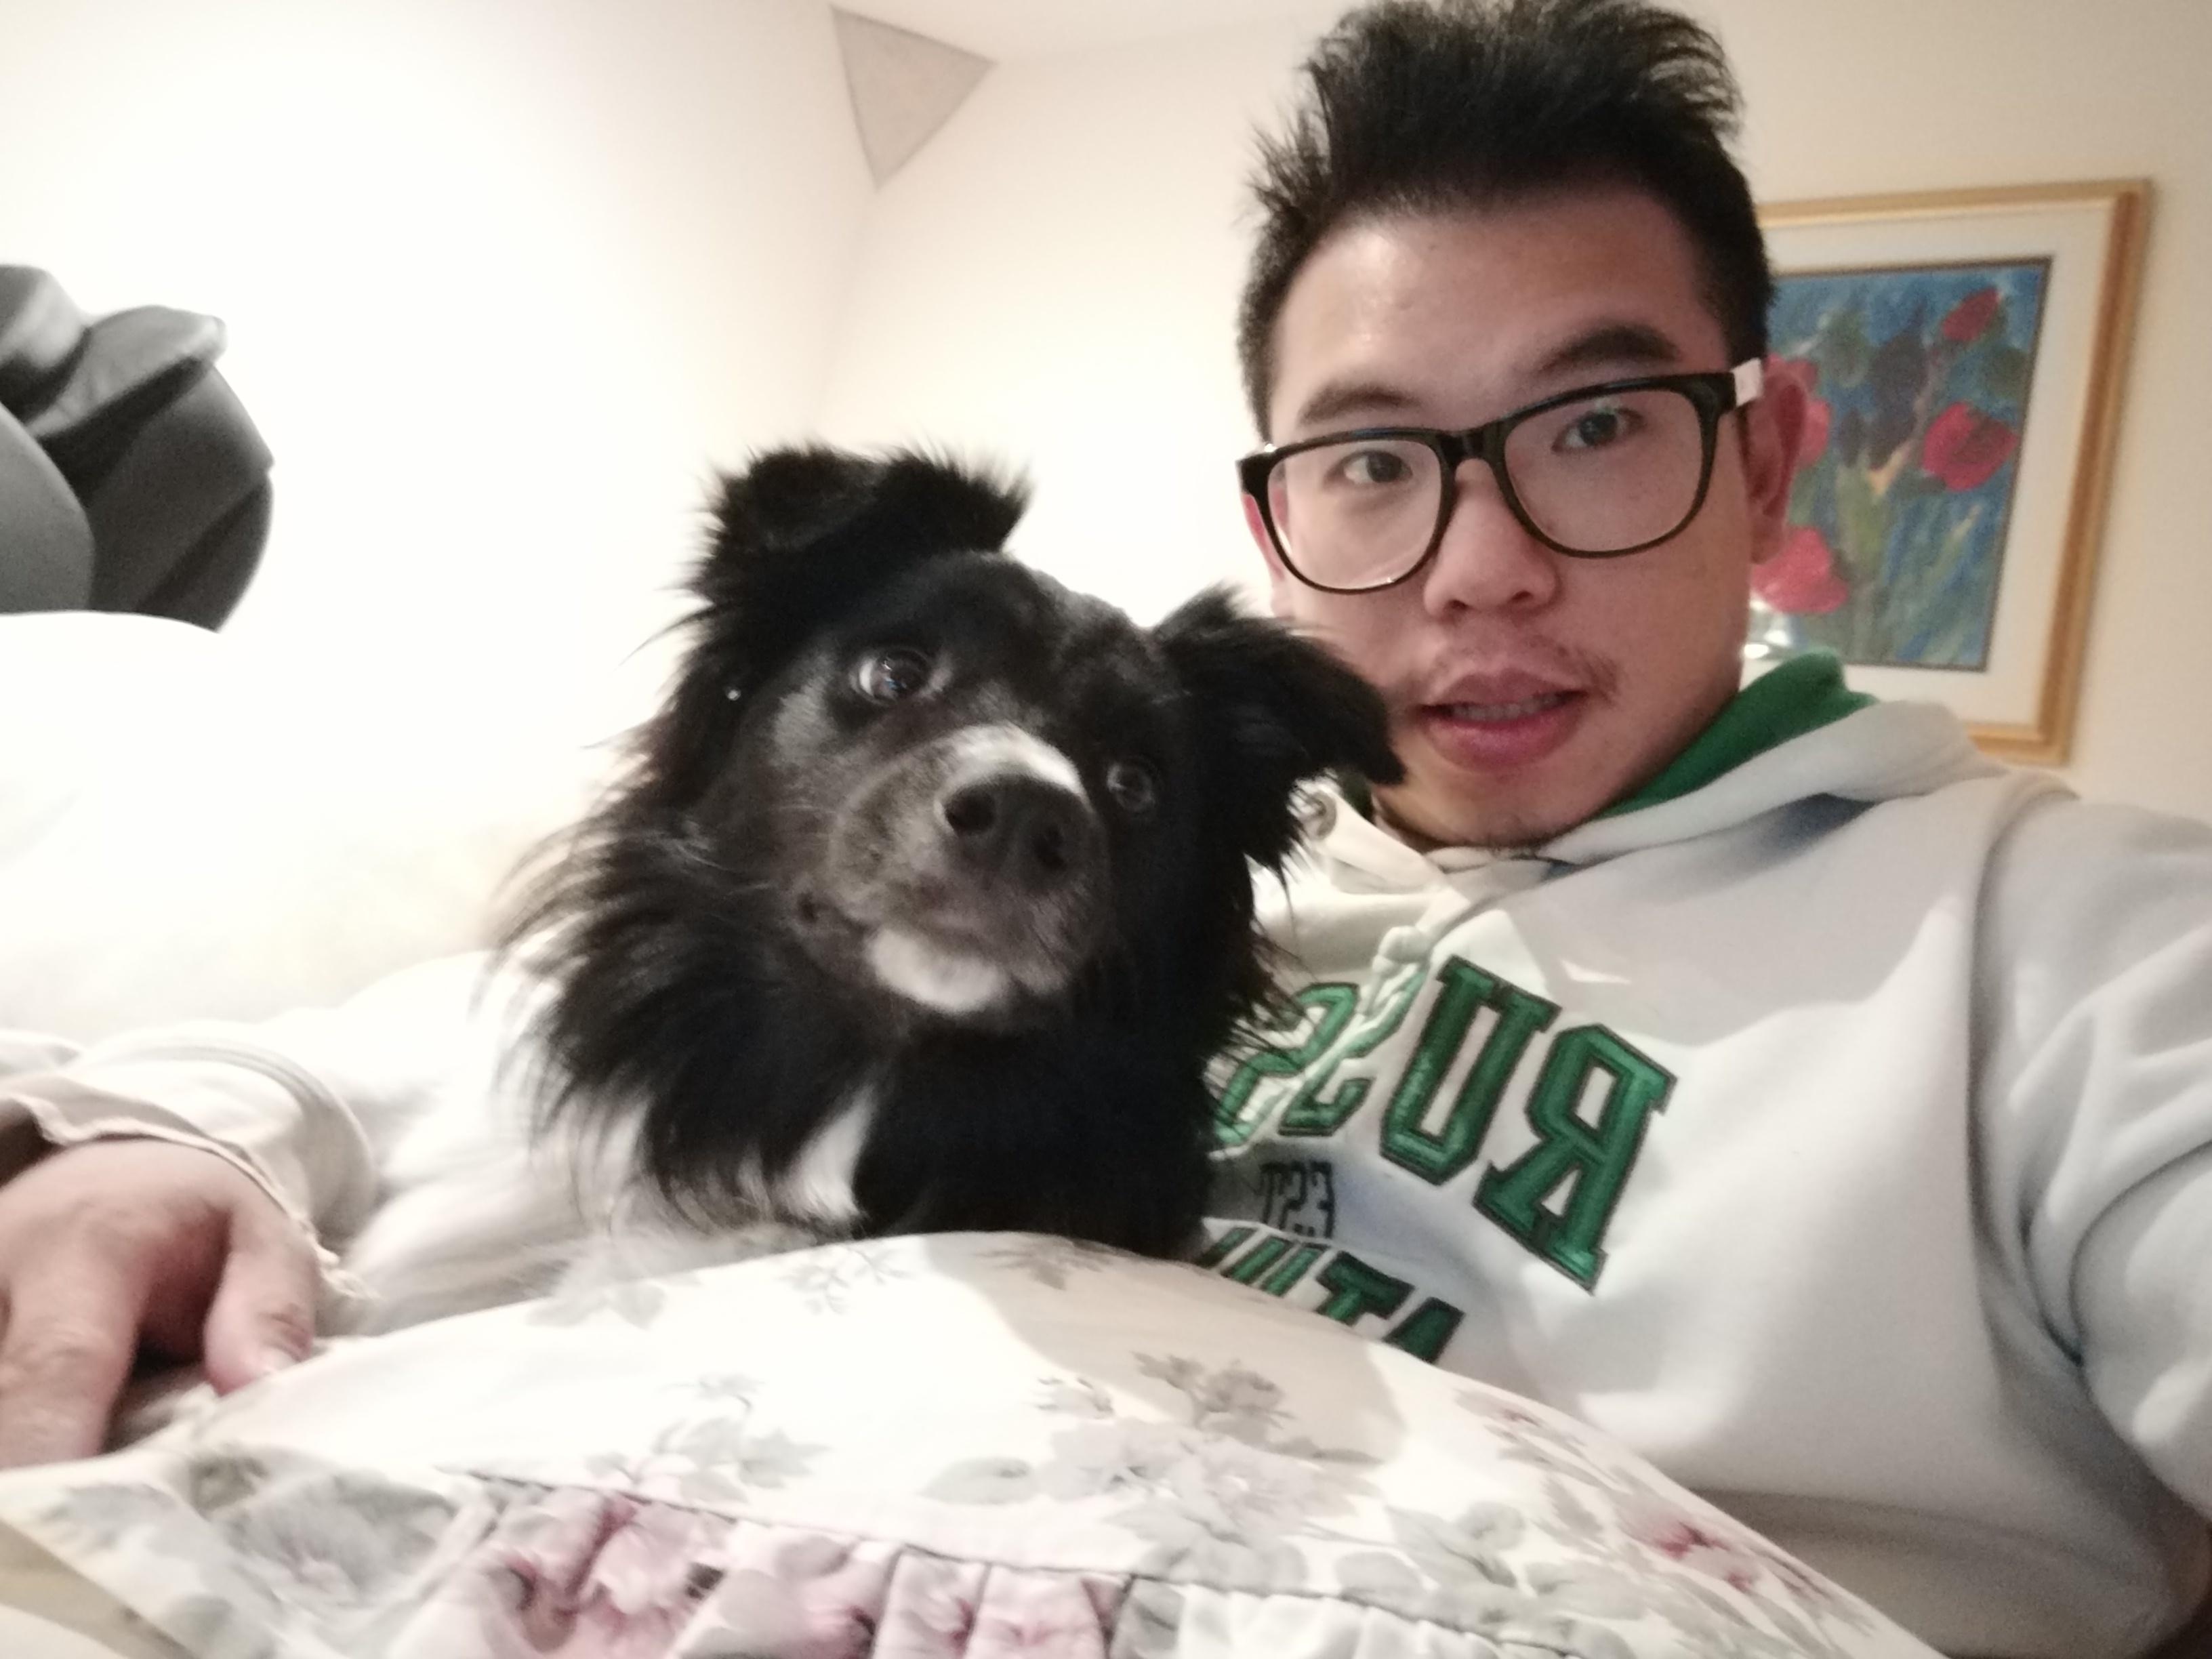 Phillip's profile picture